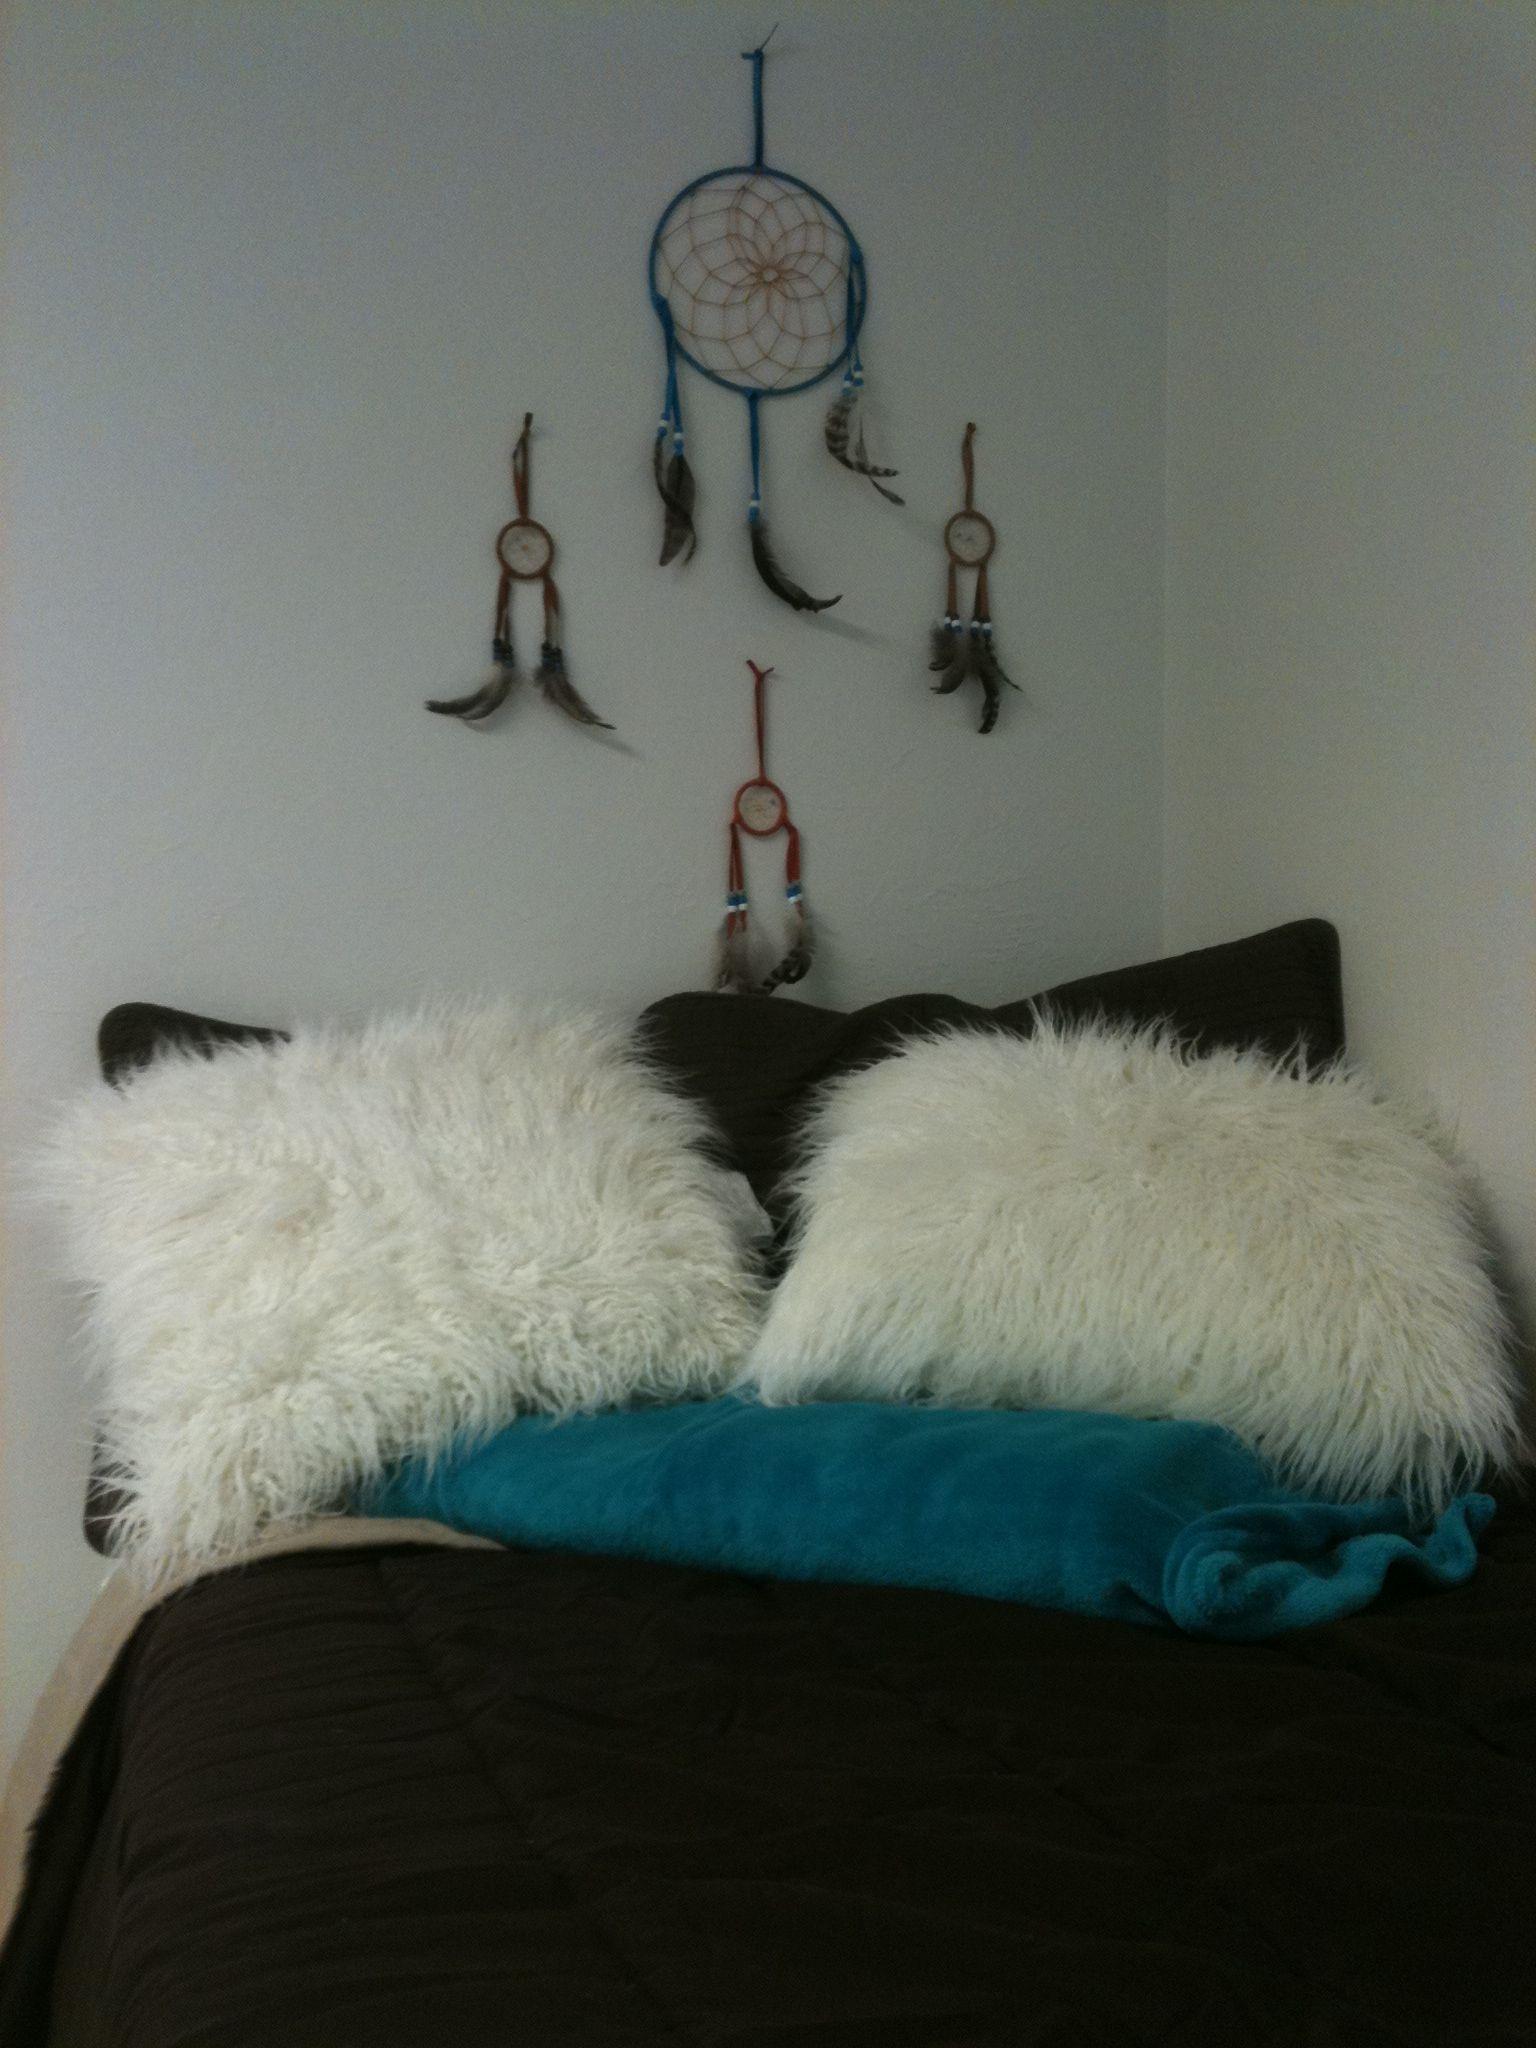 Dream Dorm Room: Fuzzy Pillows & Dream Catchers! Get Your Dorm Room Items